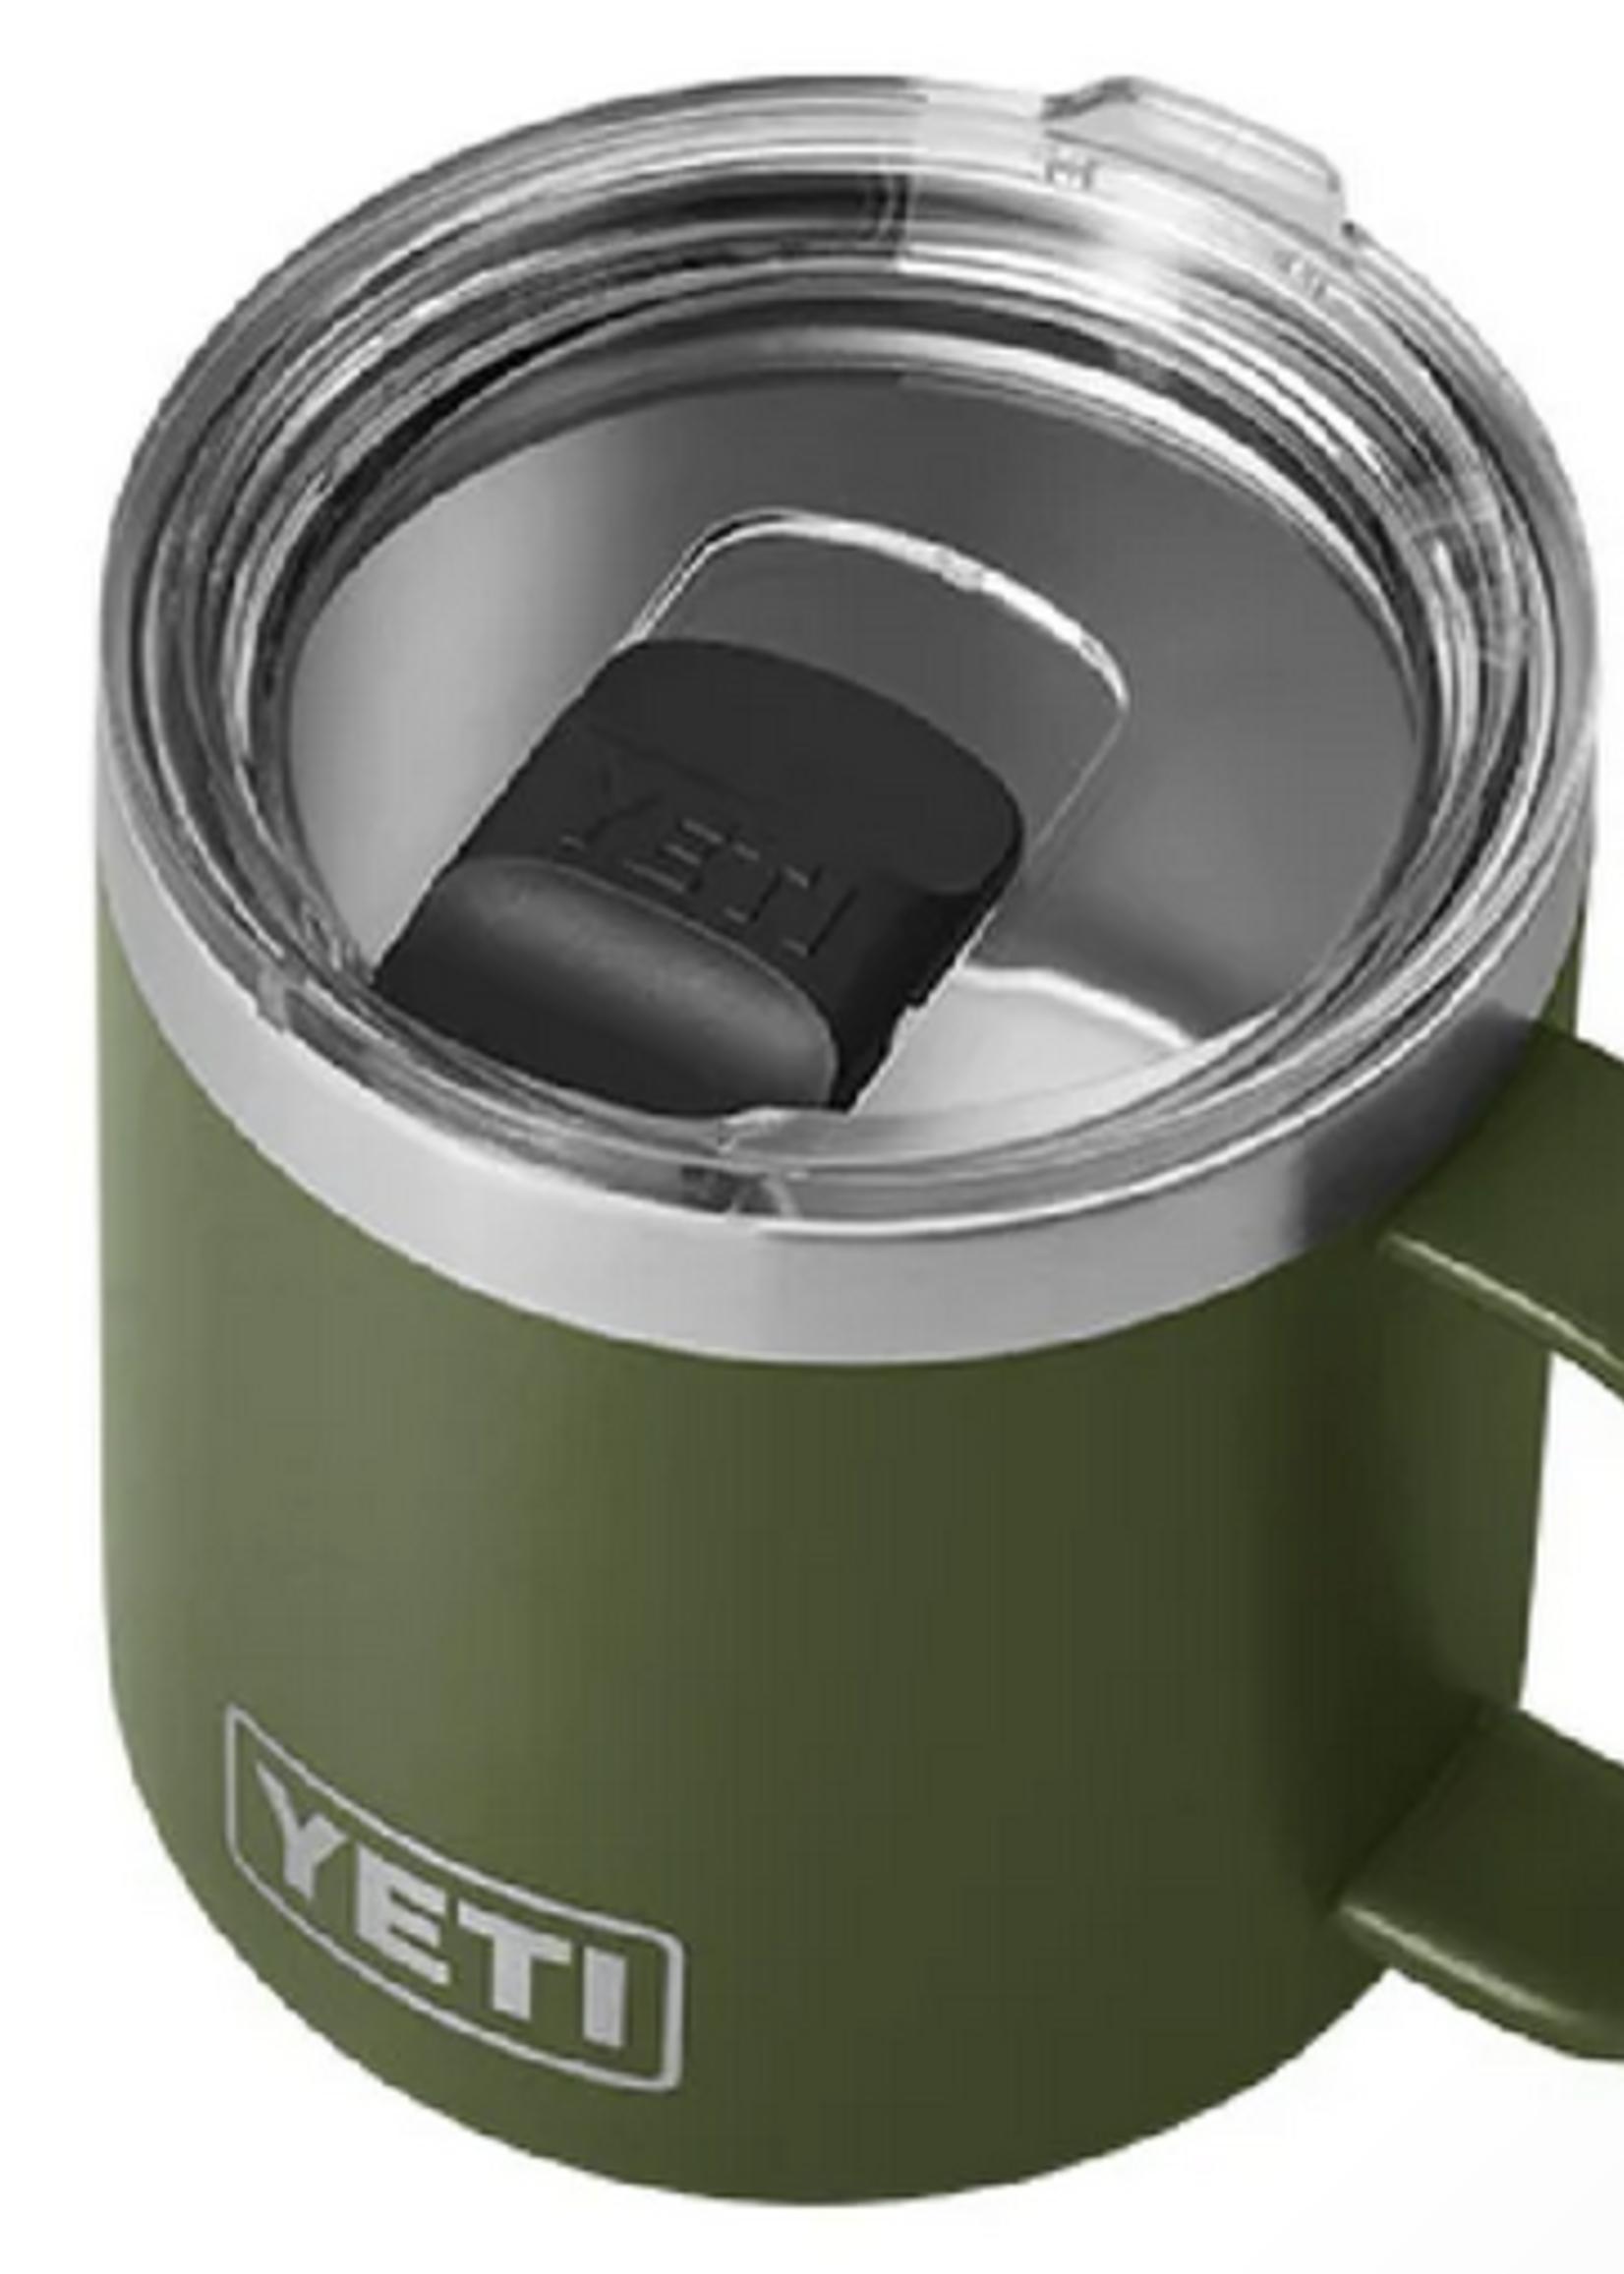 YETI Highlands Olive Rambler Mug 14 oz